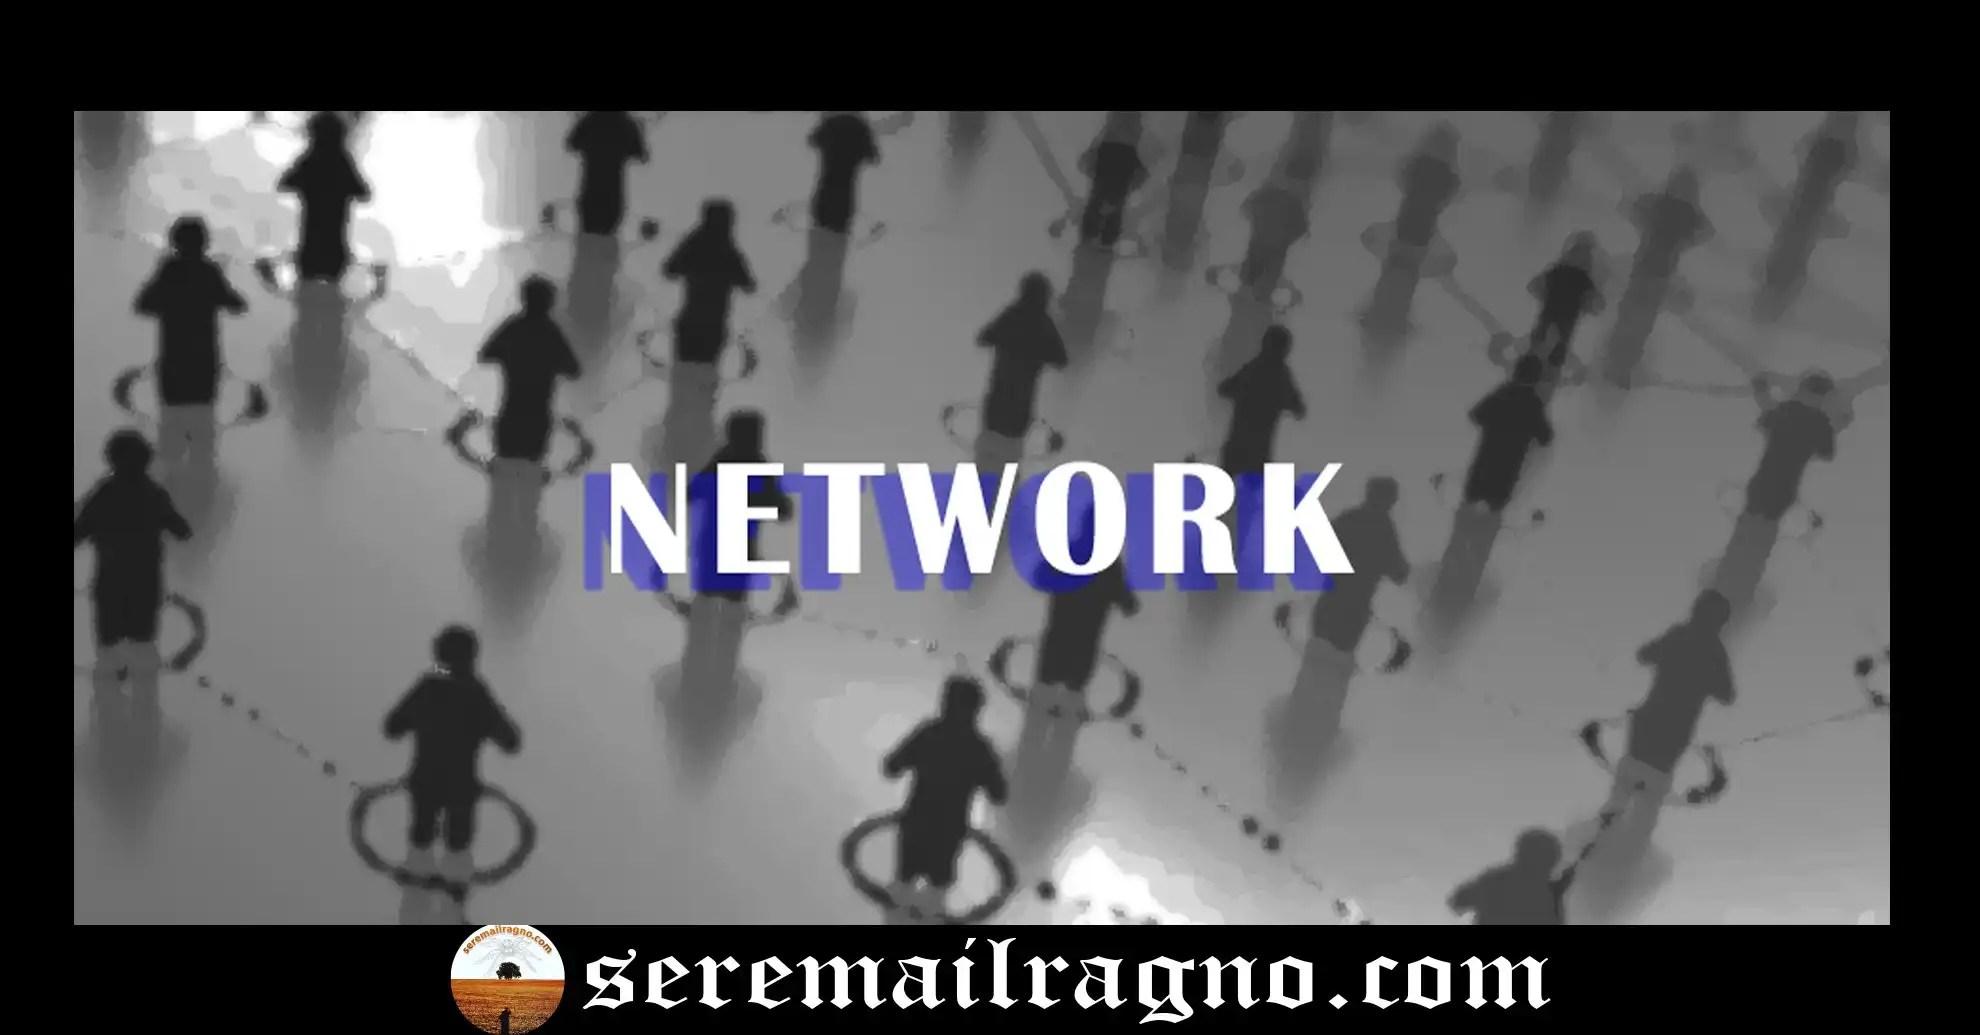 Network: creare connessioni nell'impresa 4.0